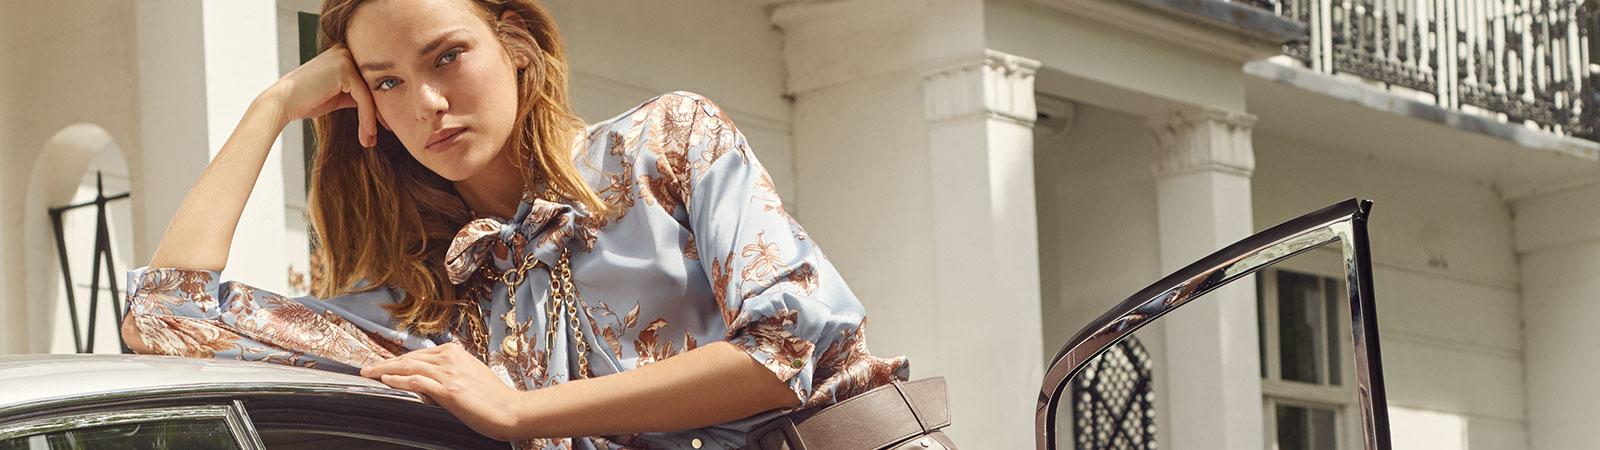 Motivi - camicie e bluse